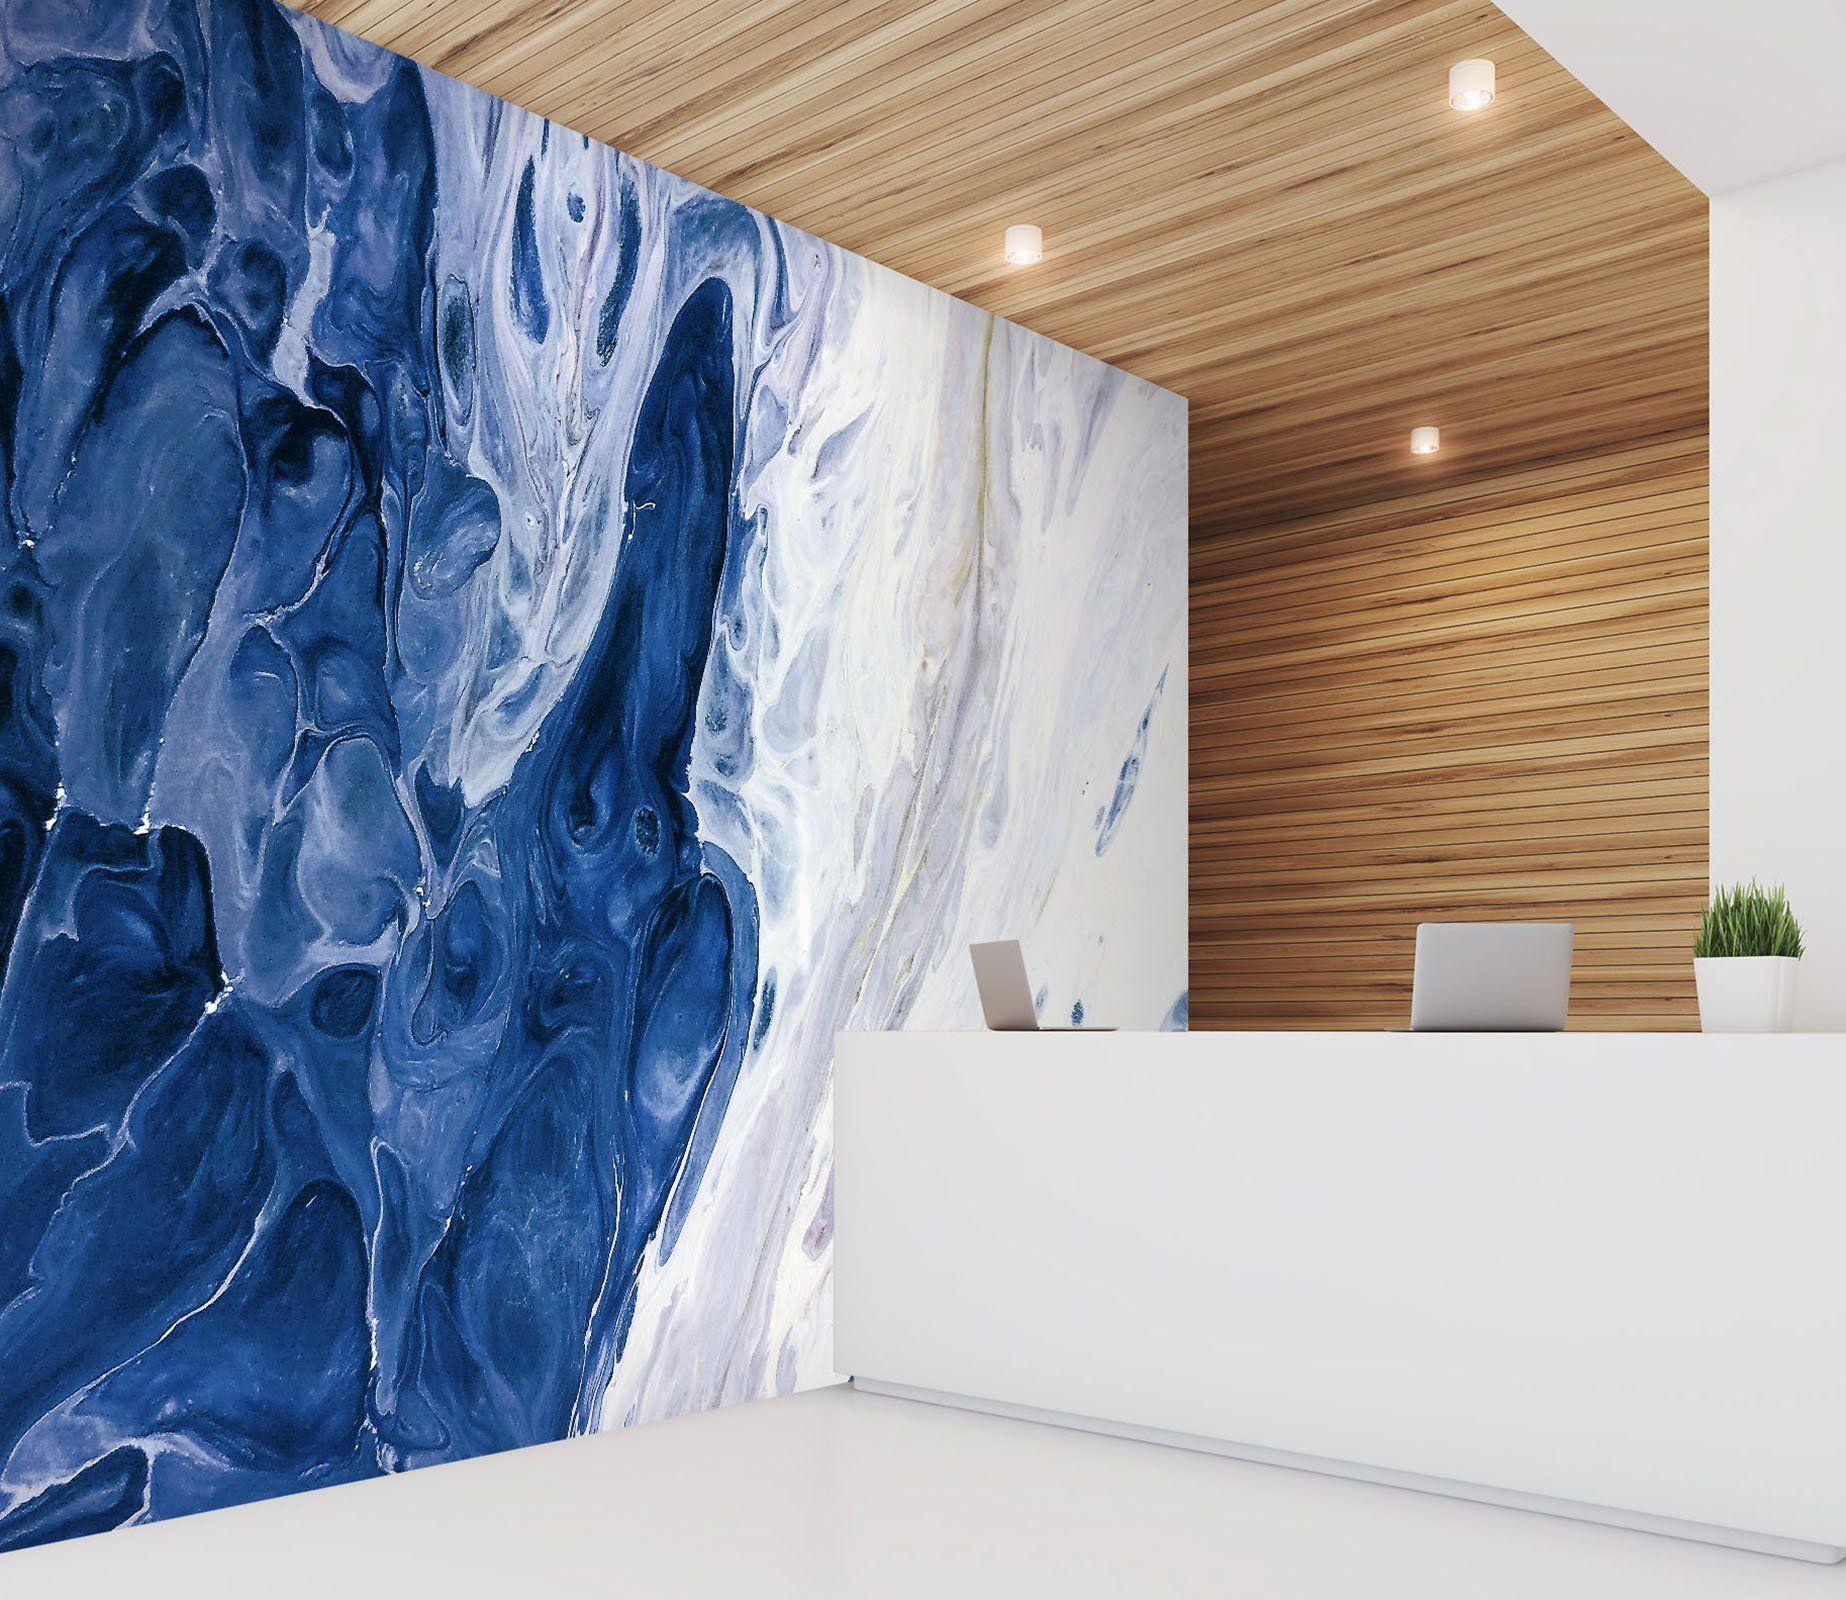 Customize Wall Mural Tiles Texture 3d Wall Murals Mural Wallpaper